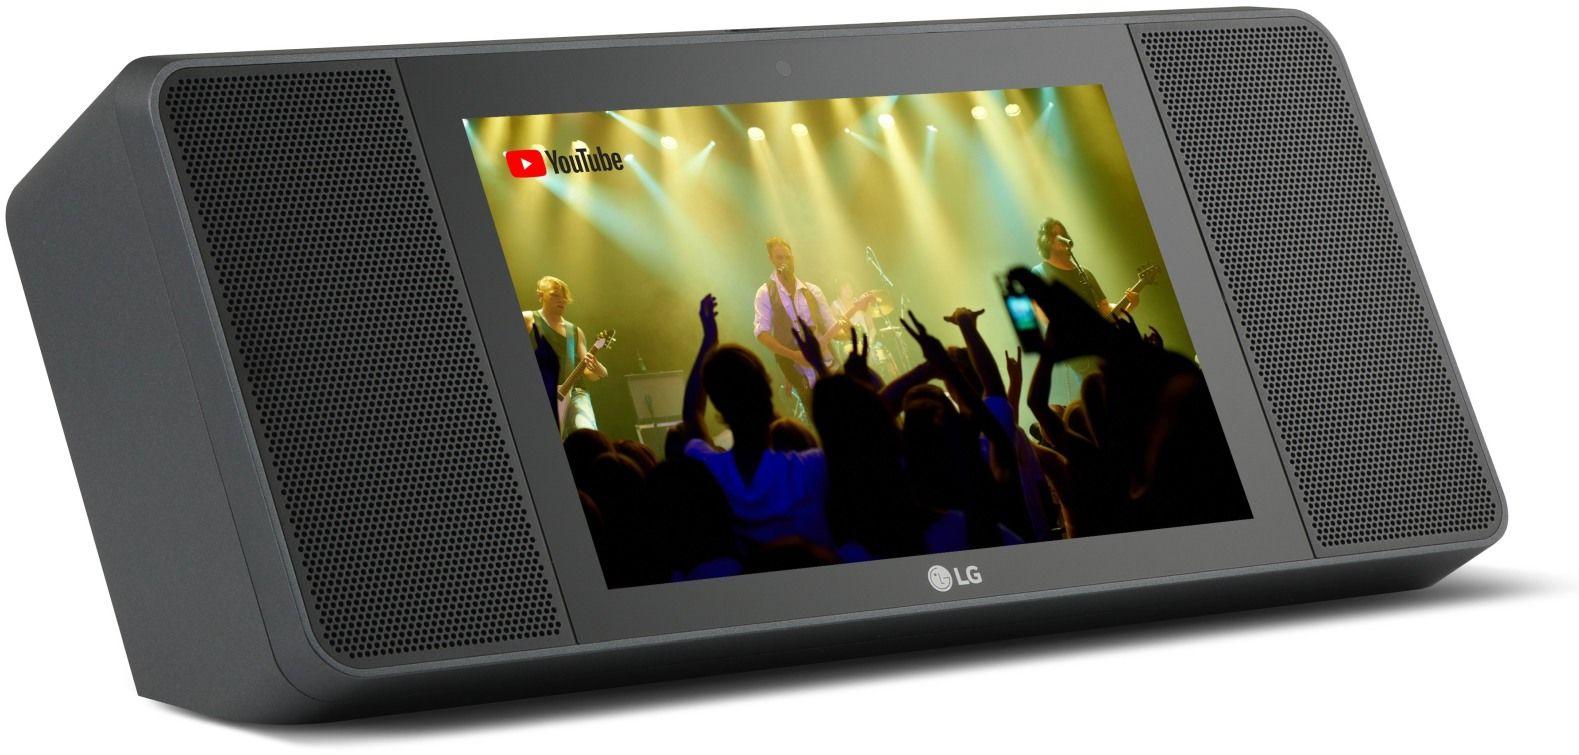 إل جي تكشف عن XBOOM AI ThinQ WK9 أول مكبر صوتي بشاشة لمس مدعم بمساعد قوقل